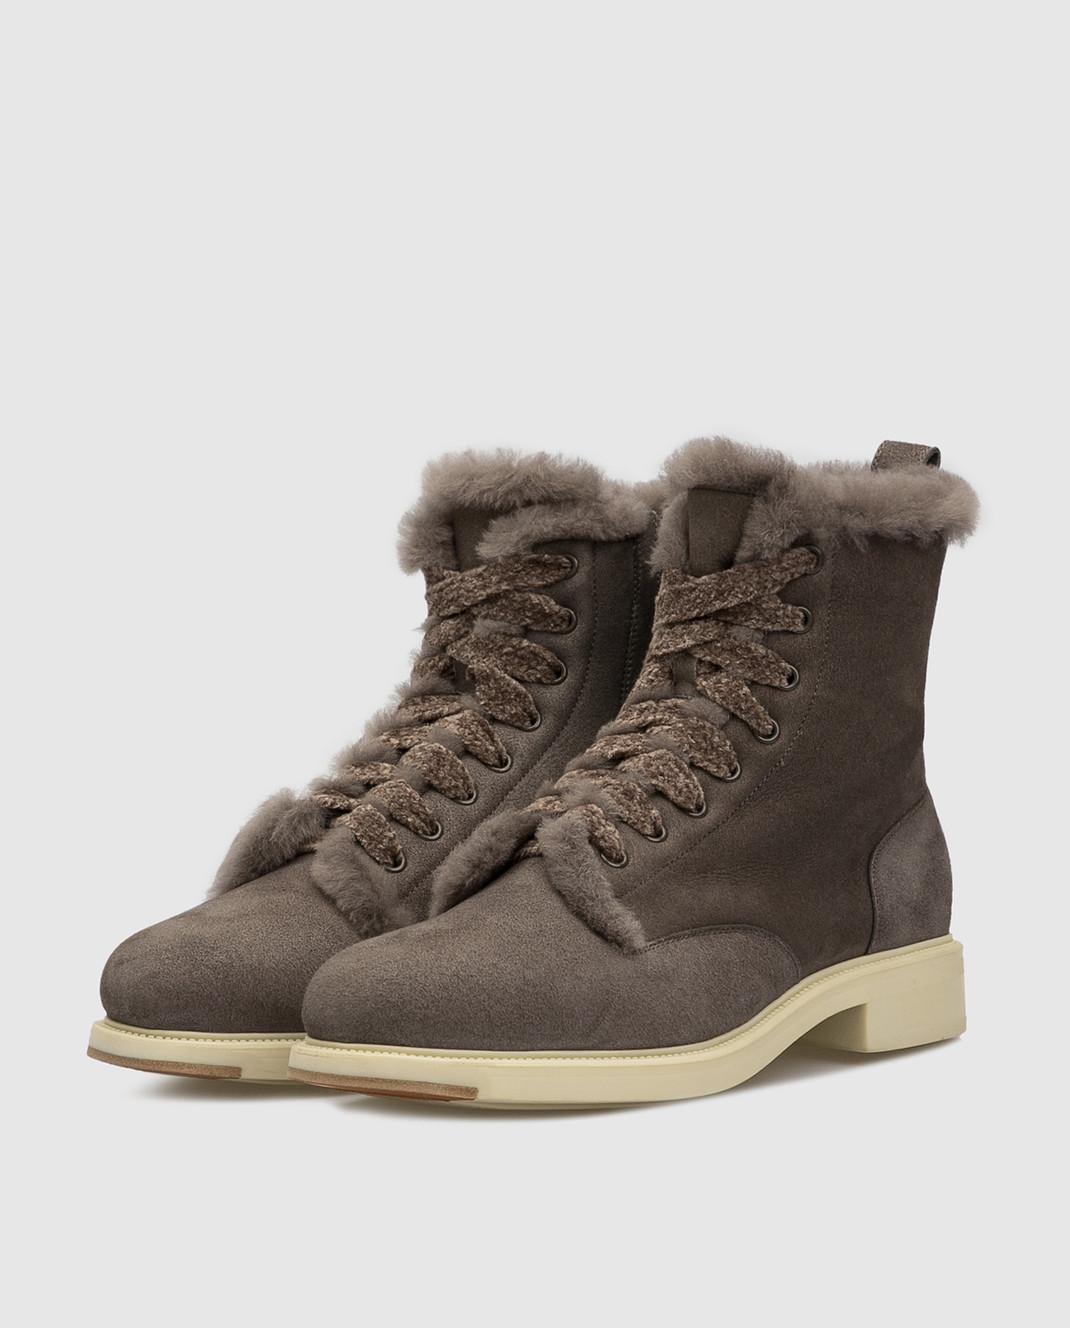 Santoni Темно-серые замшевые ботинки на меху WTEK58384SCOAEYT изображение 3